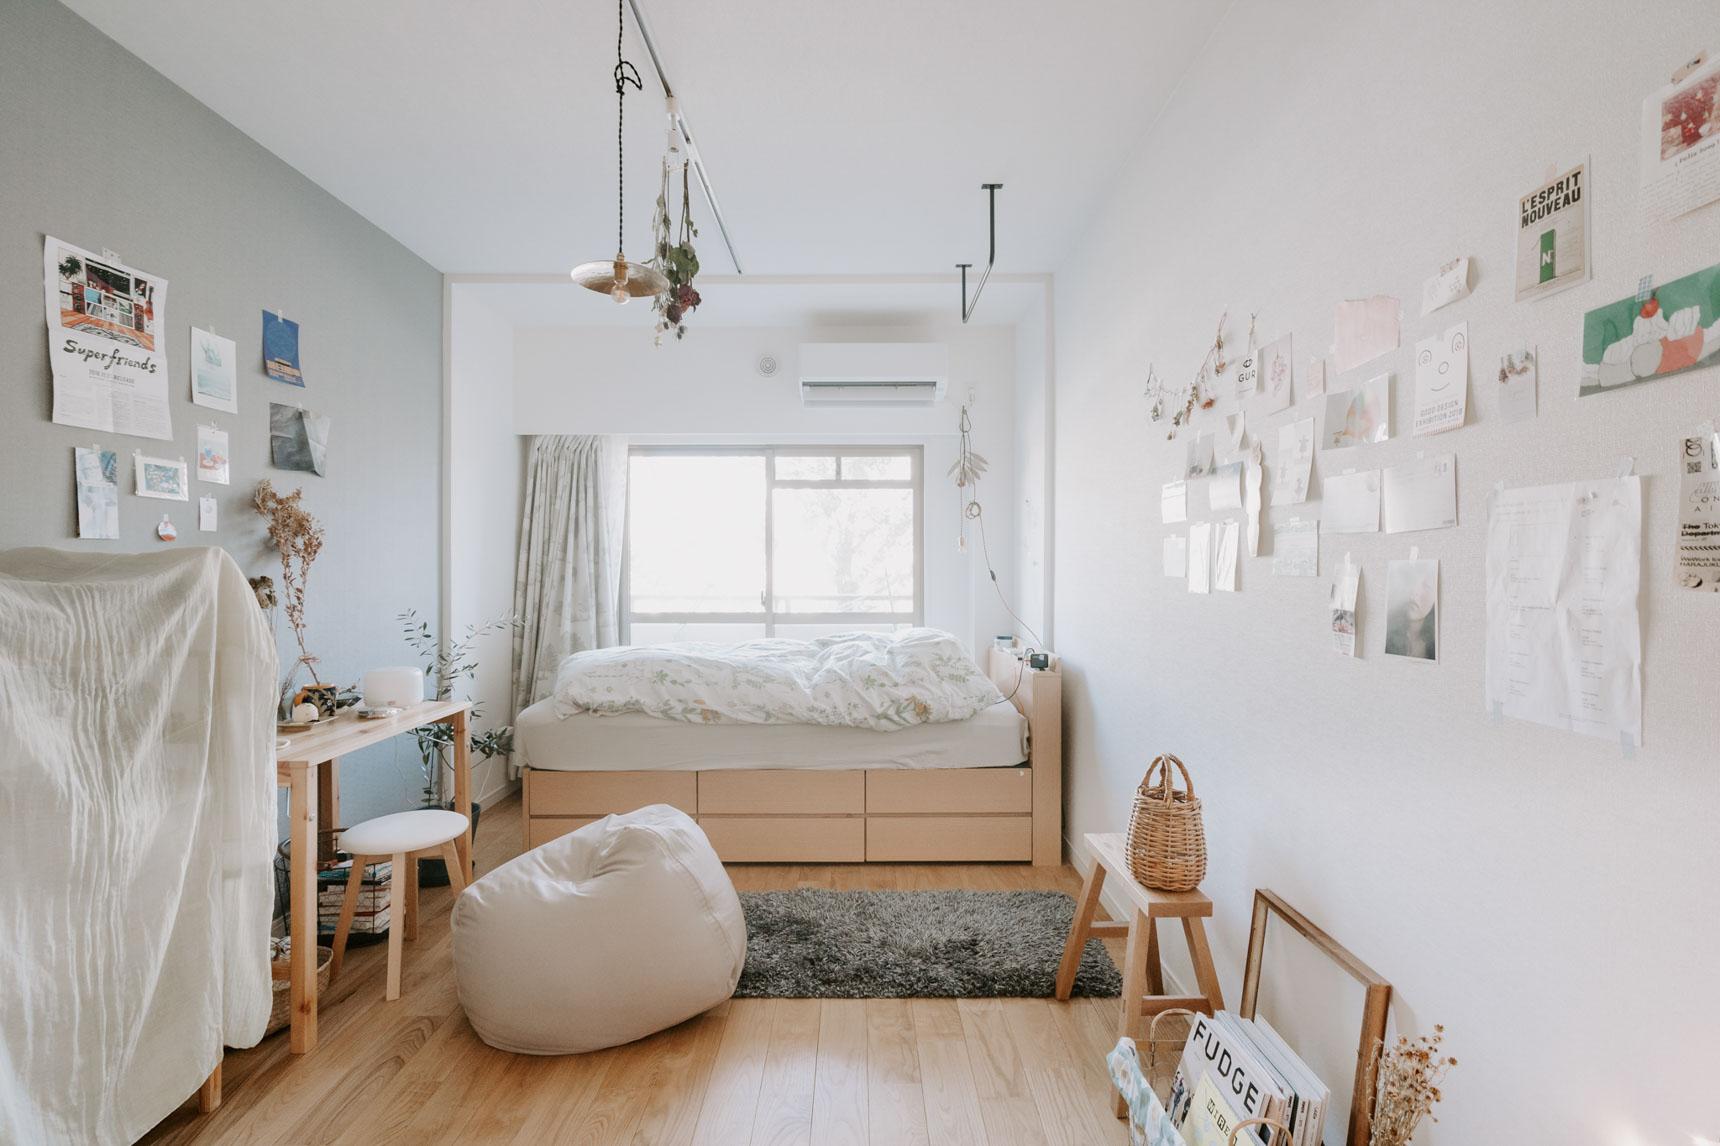 7畳ほどのお部屋で、ベッドやデスク、棚などは、前に住んでいたお部屋からそのまま持ってきたものだそう。ちょうど床の色とも合うナチュラルな色合いで揃っていますね。